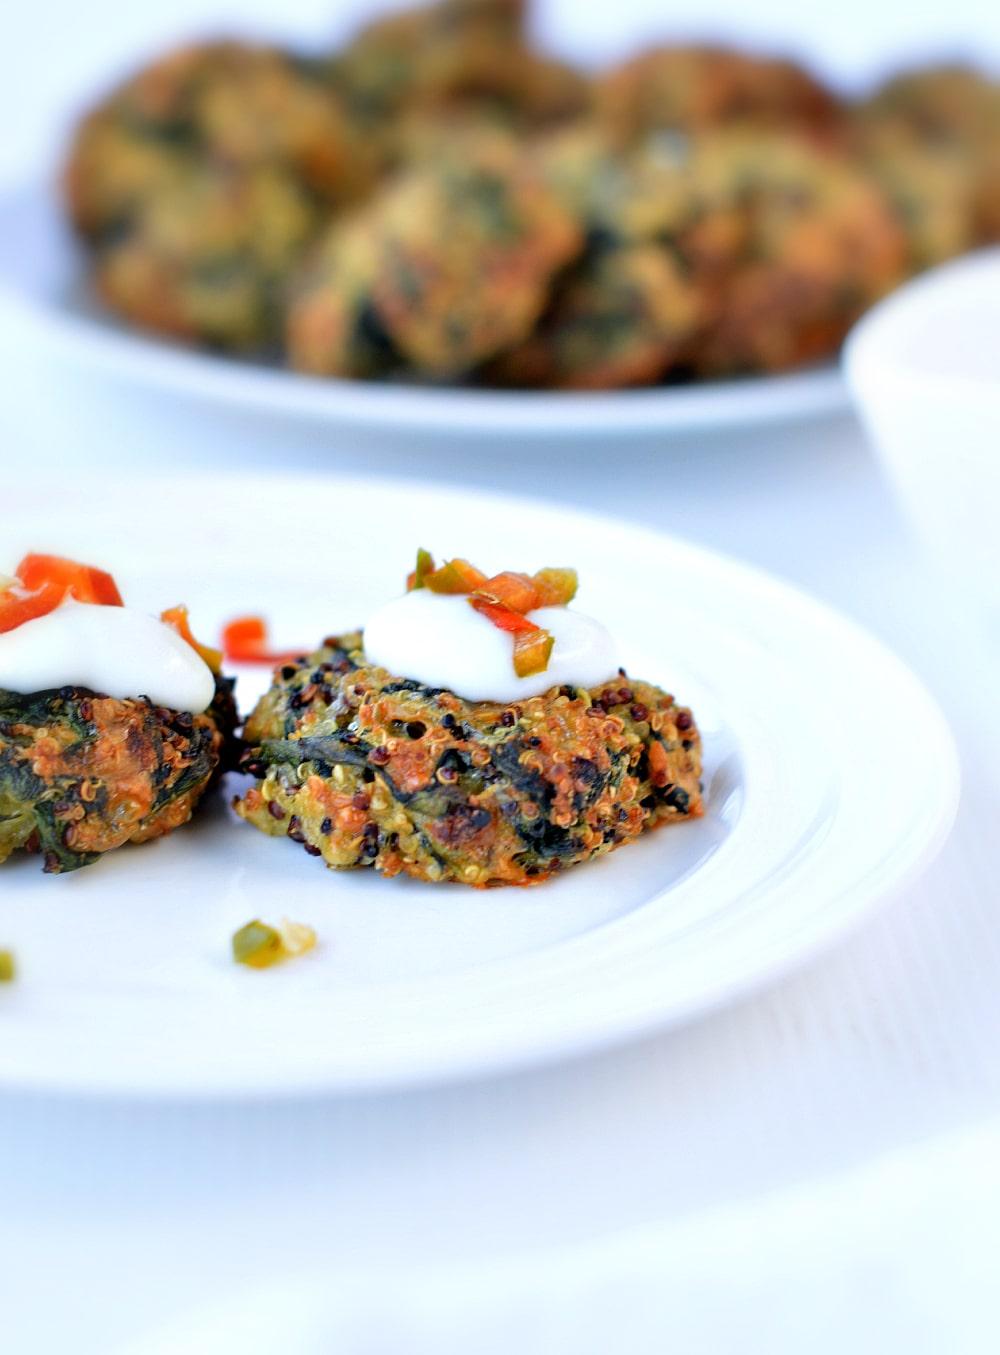 Spinach Quinoa Vegetarian Patties